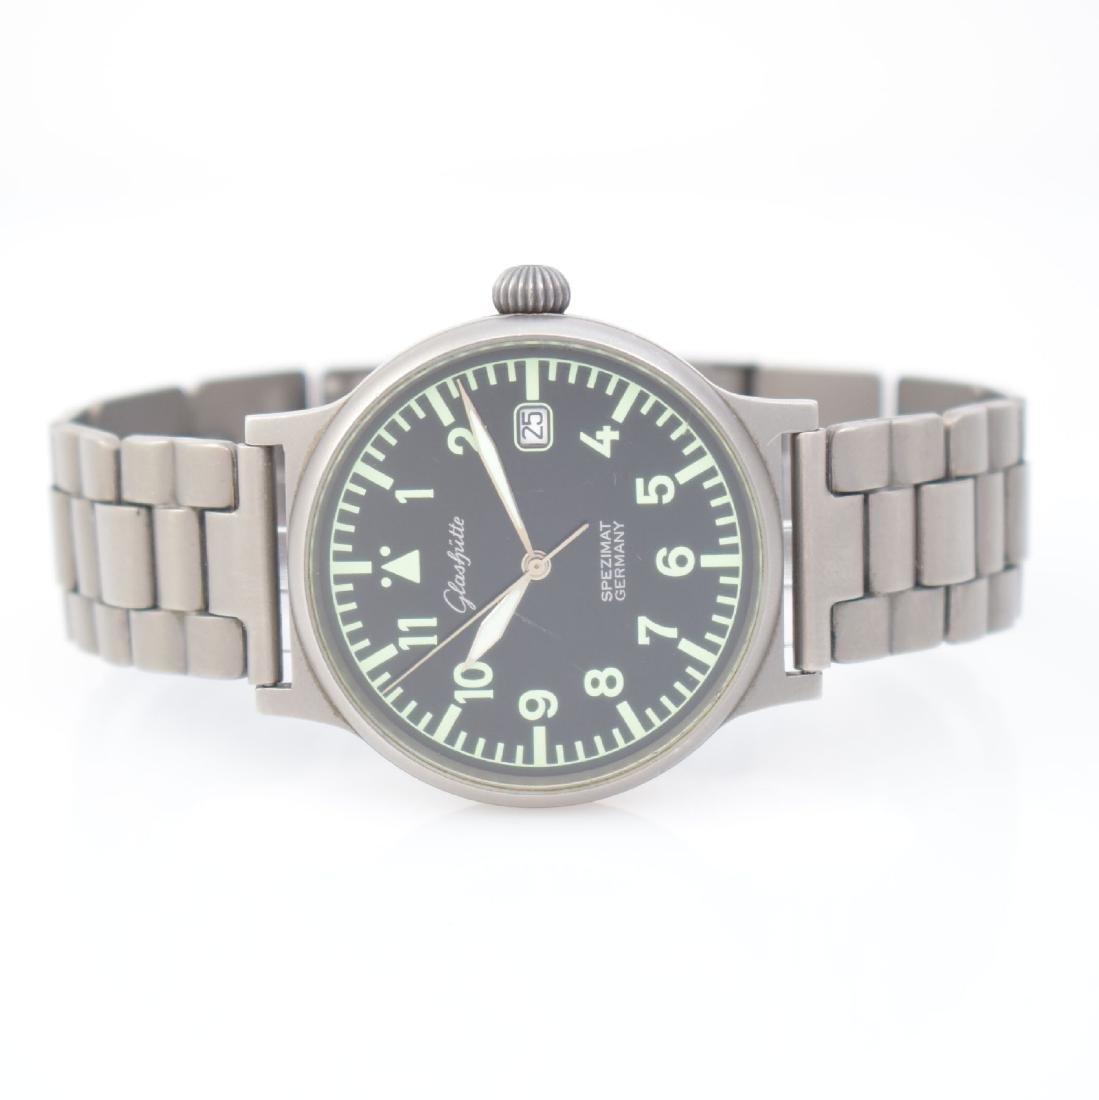 GLASHUTTE self winding gents wristwatch Spezimat